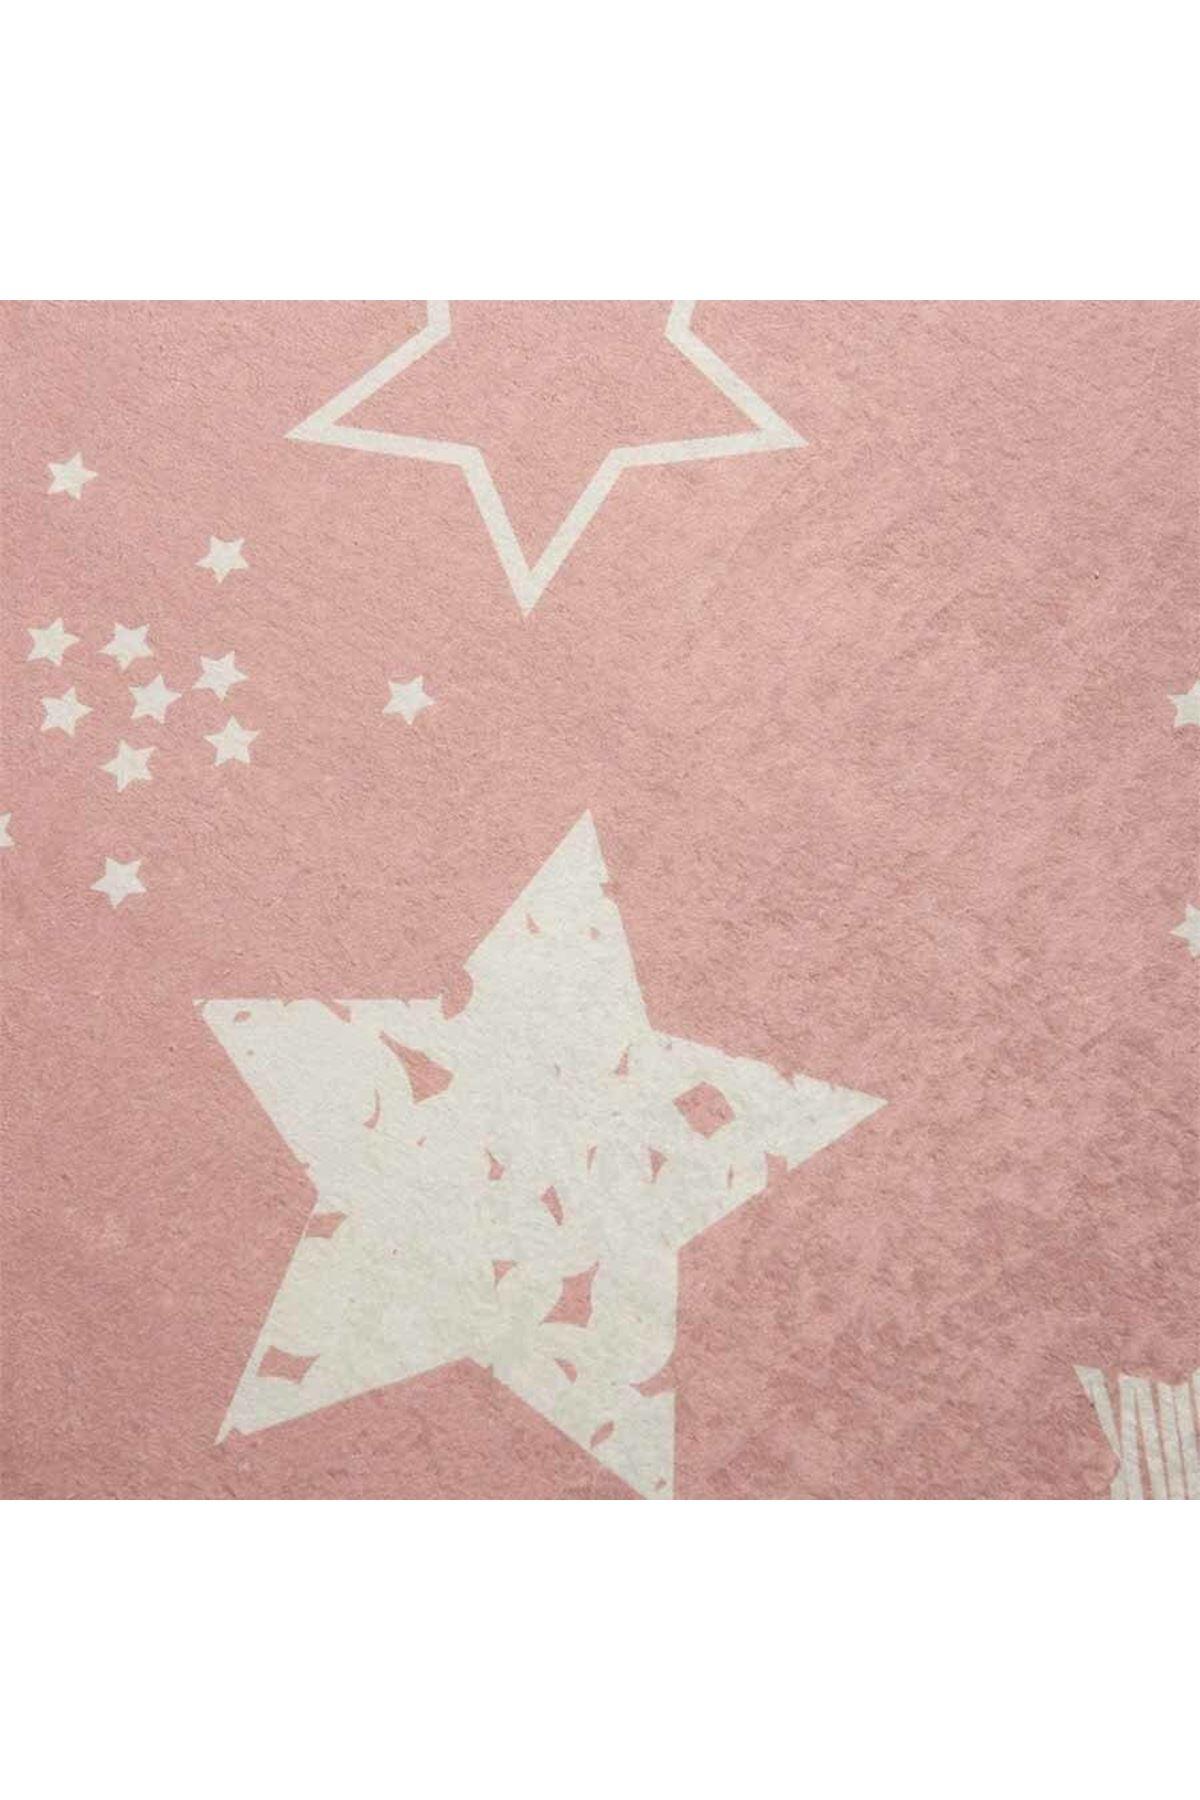 Stars Pembe Çocuk Halısı